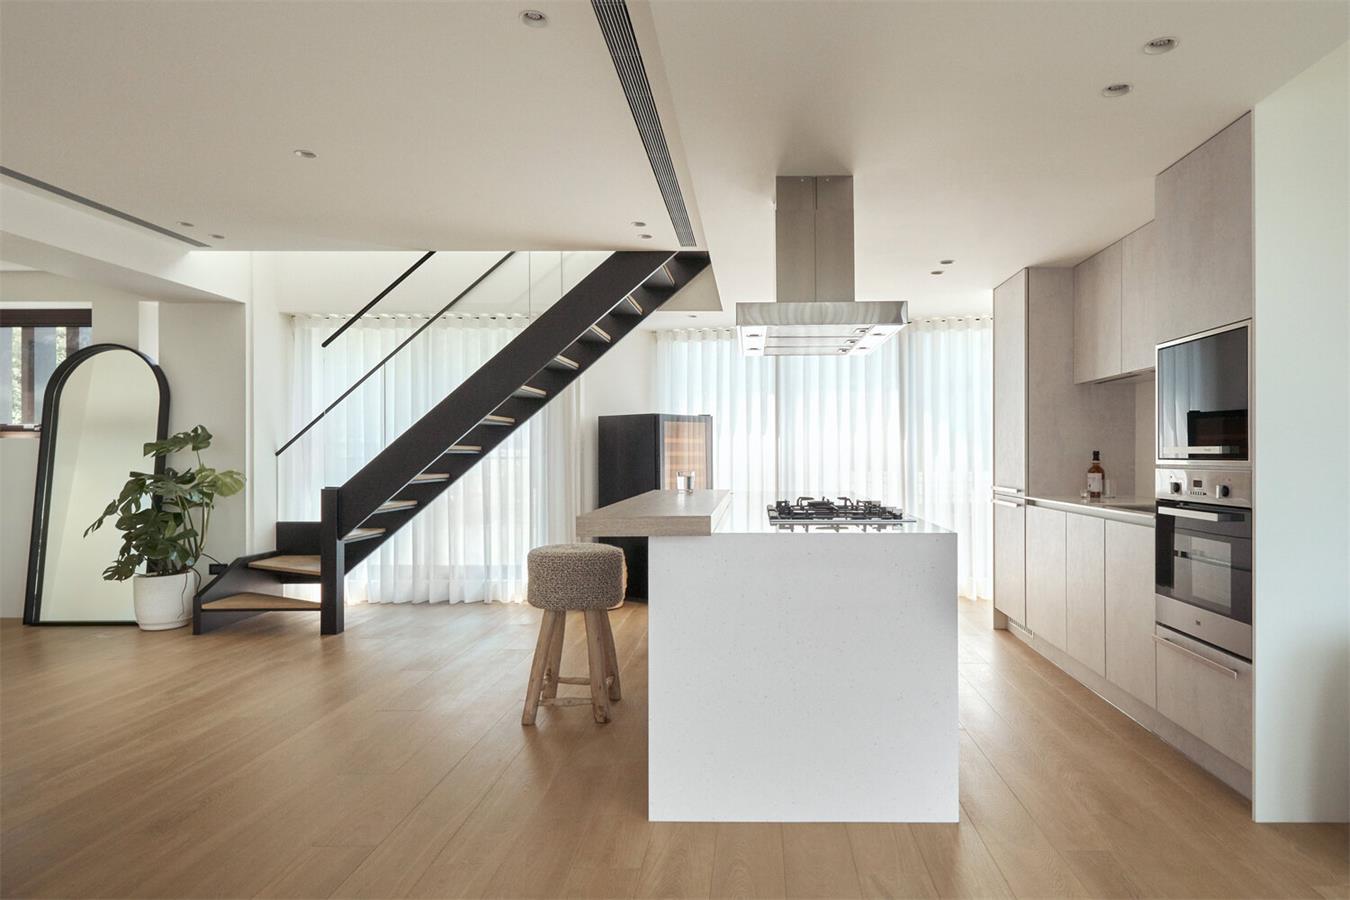 别墅开放式厨房全景